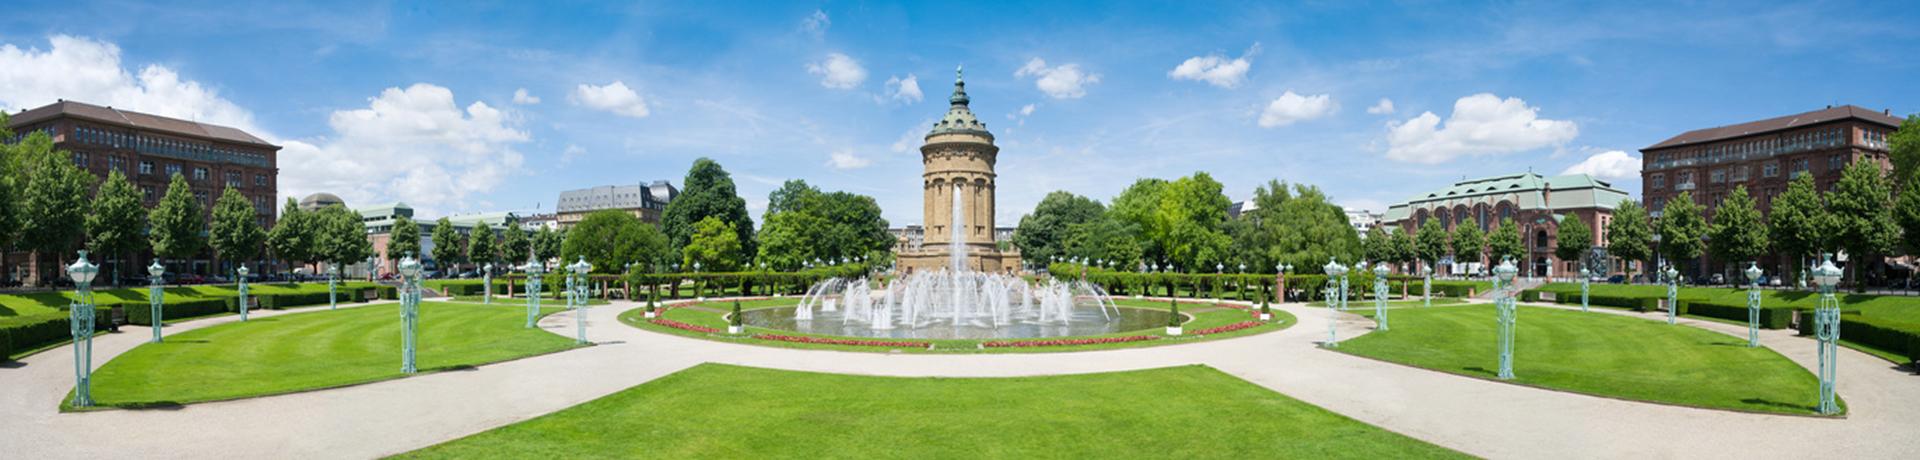 Mannheimer Wasserturm KH Asset